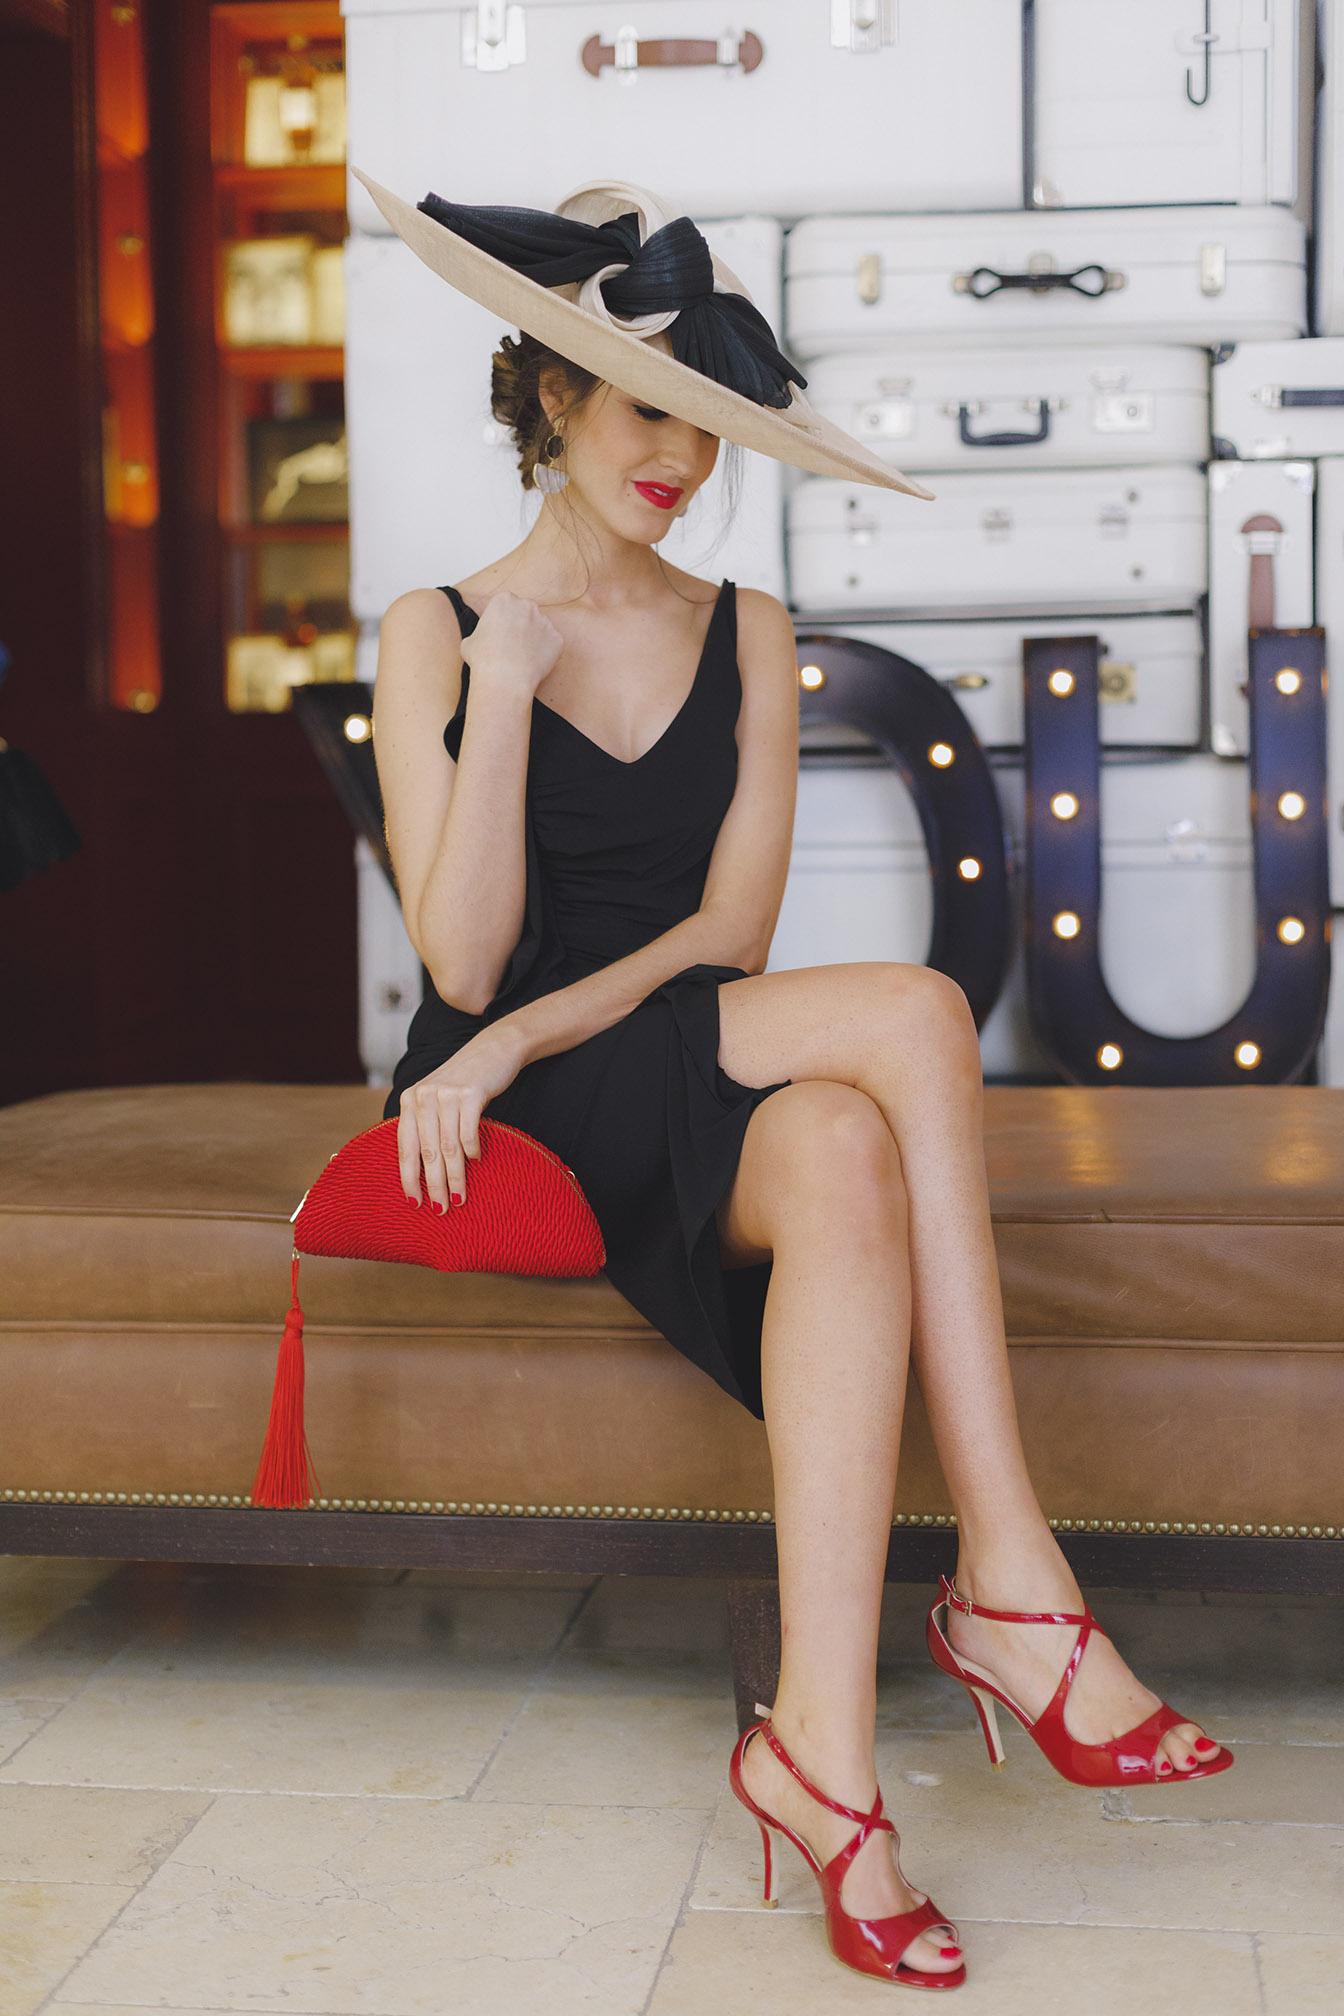 Look invitada boda 2018 vestido negro complementos rojo pamela